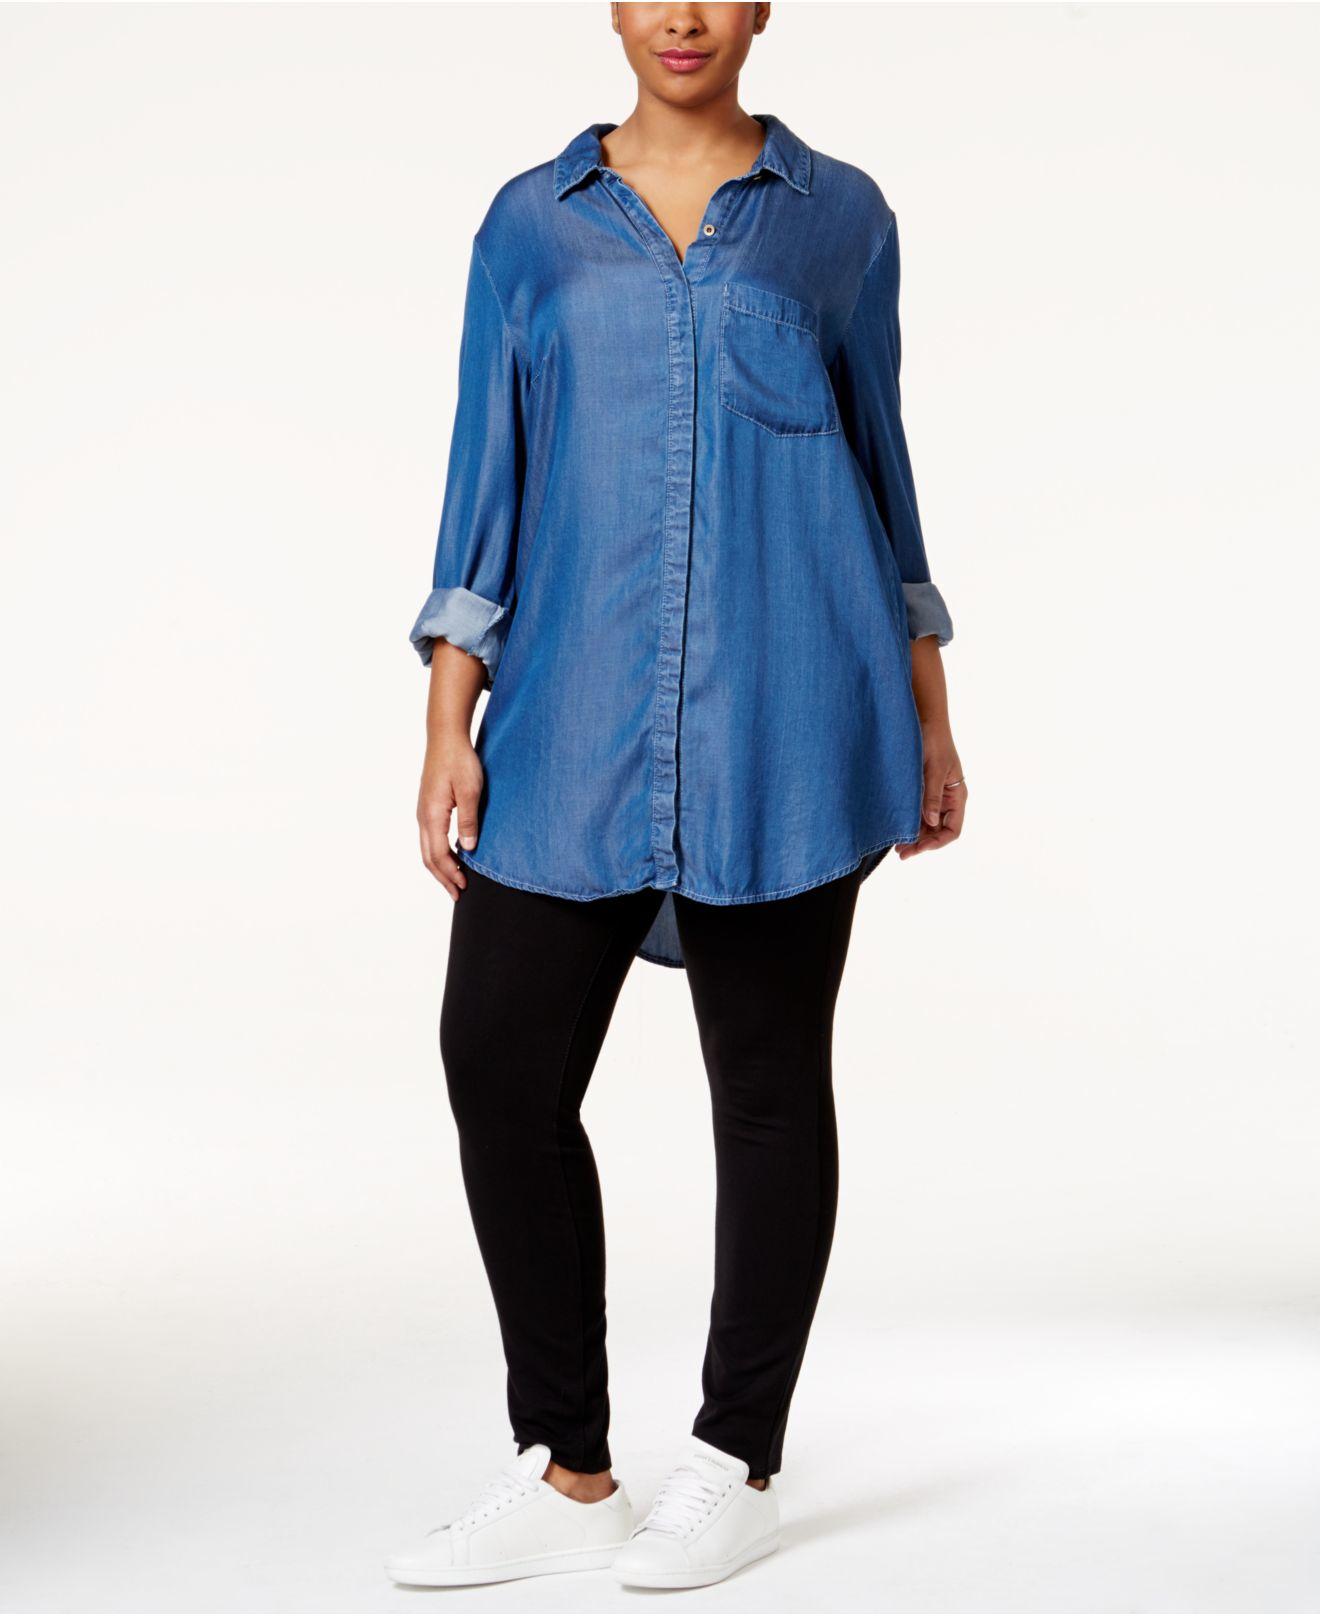 Rachel rachel roy curvy plus size chambray shirt in blue for Plus size chambray shirt